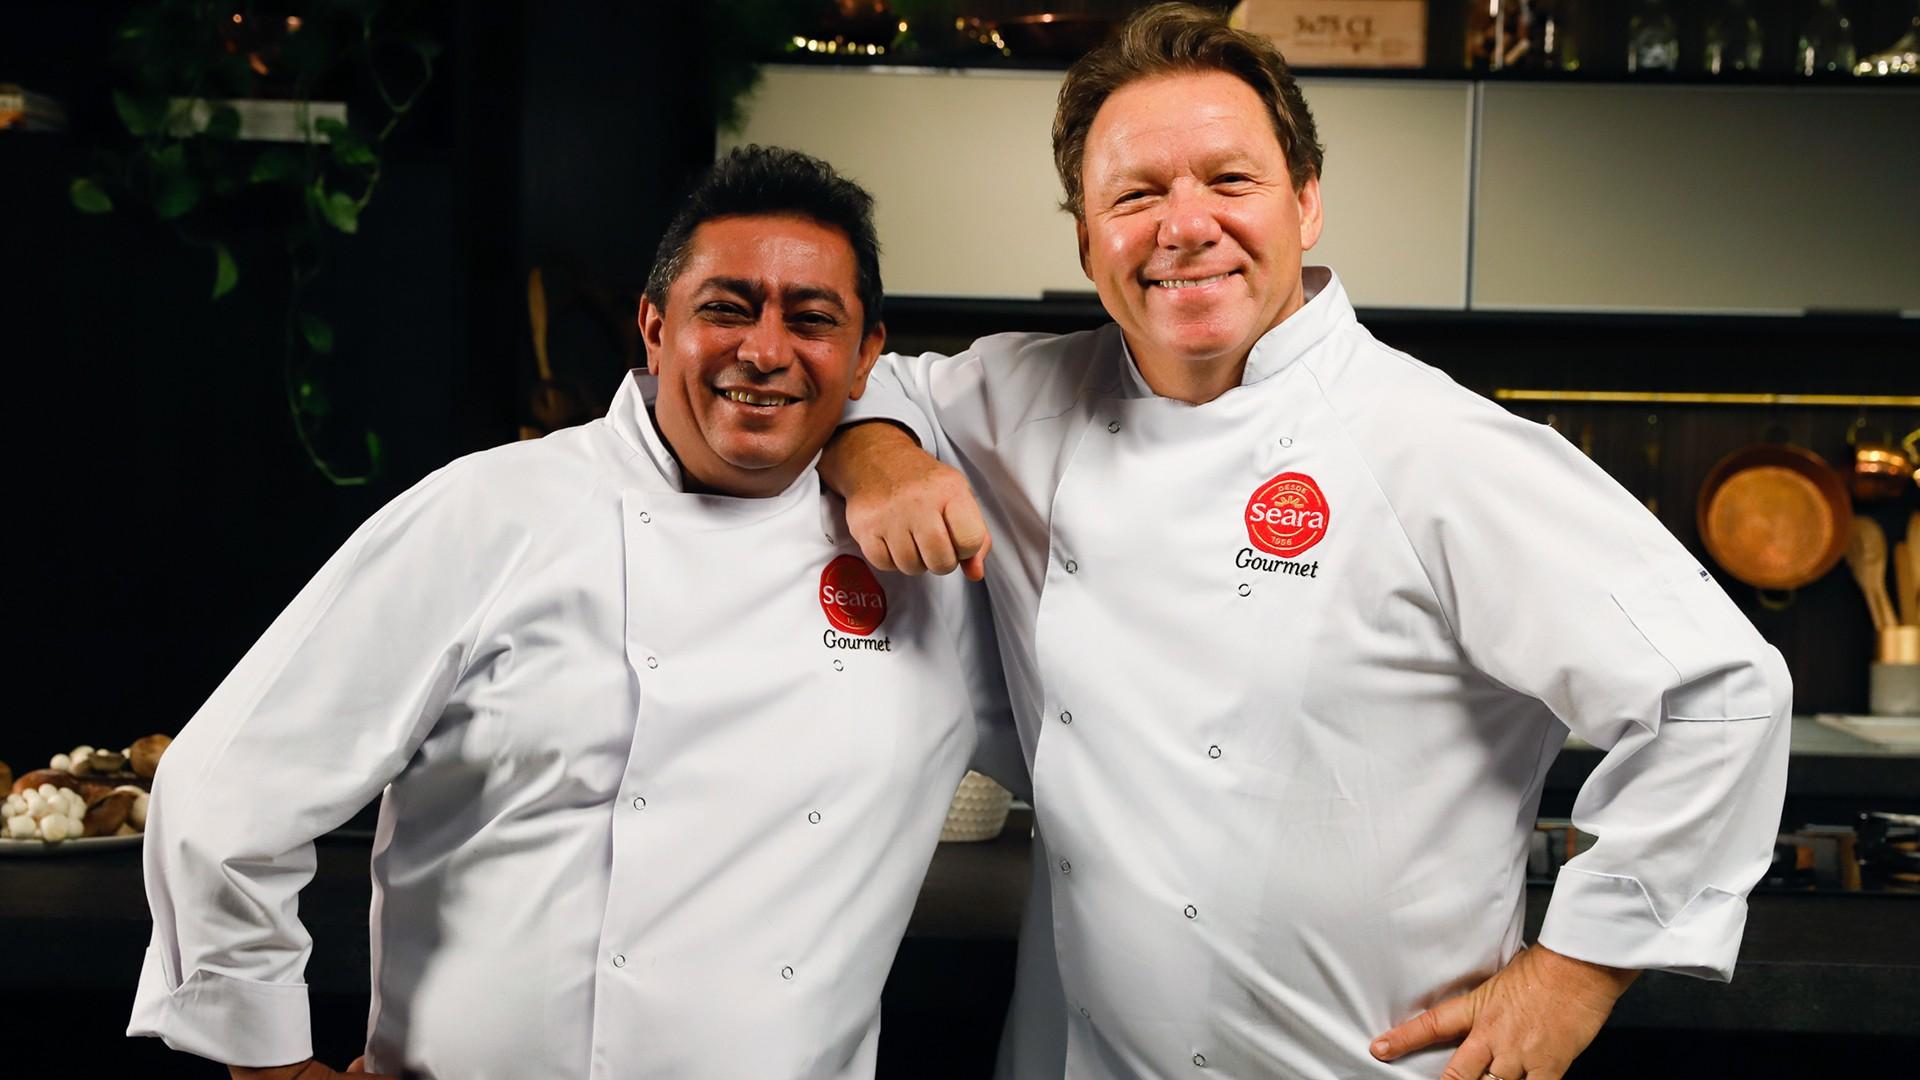 Claude Troisgois e João Batista juntos com avental da Seara Gourmet.